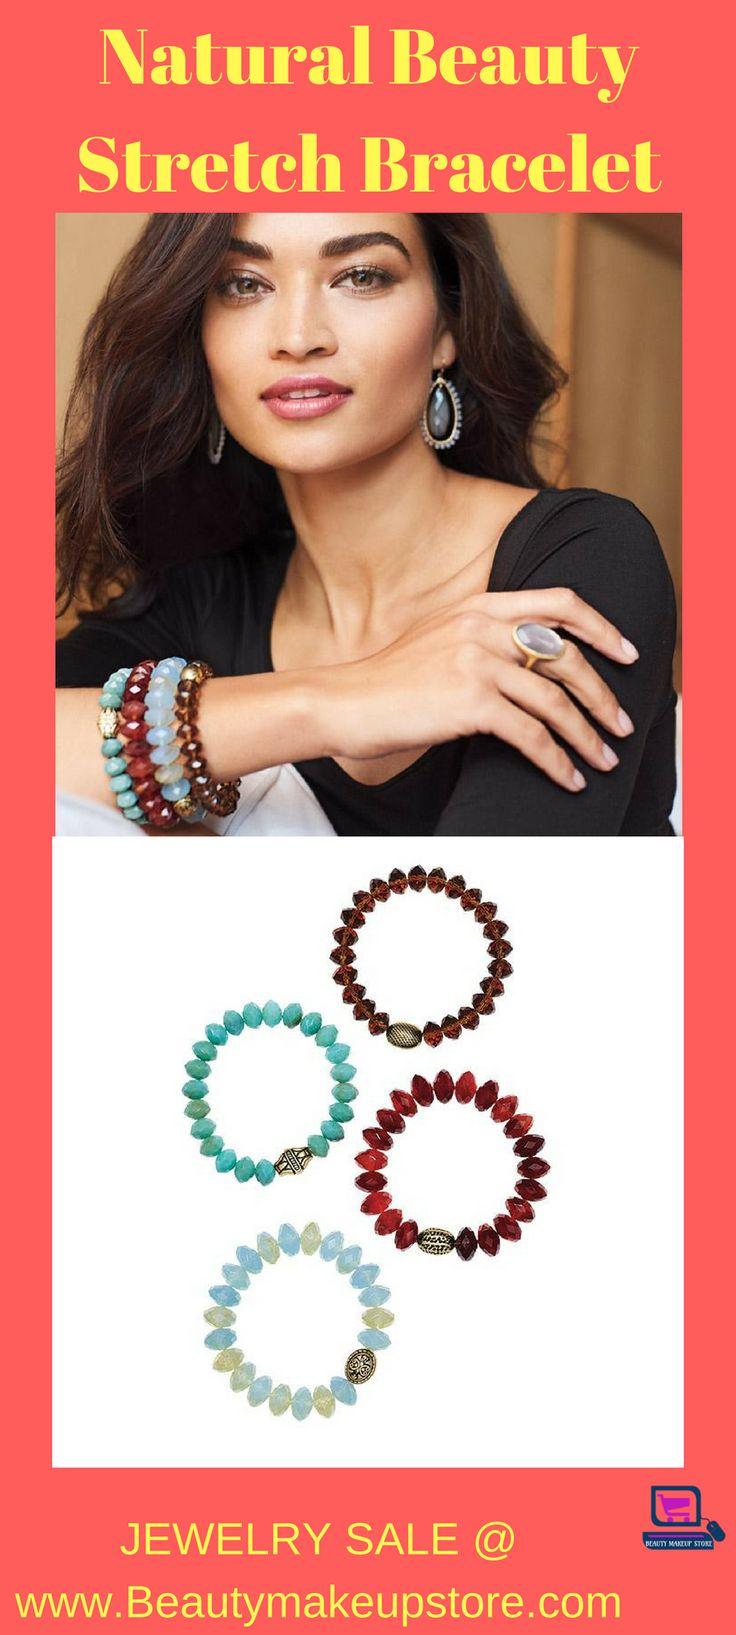 Natural Beauty Stretch Bracelet #stretchbracelets #bracelets #womenbracelet #jewelry #jewelryforsale #buyjewelry stretch bracelets diy | stretch bracelets | stretch bracelets ideas | stretch bracelets how to make | stretch bracelet tutorial | Stretch Bracelets | stretch bracelets | STRETCH BRACELETS |